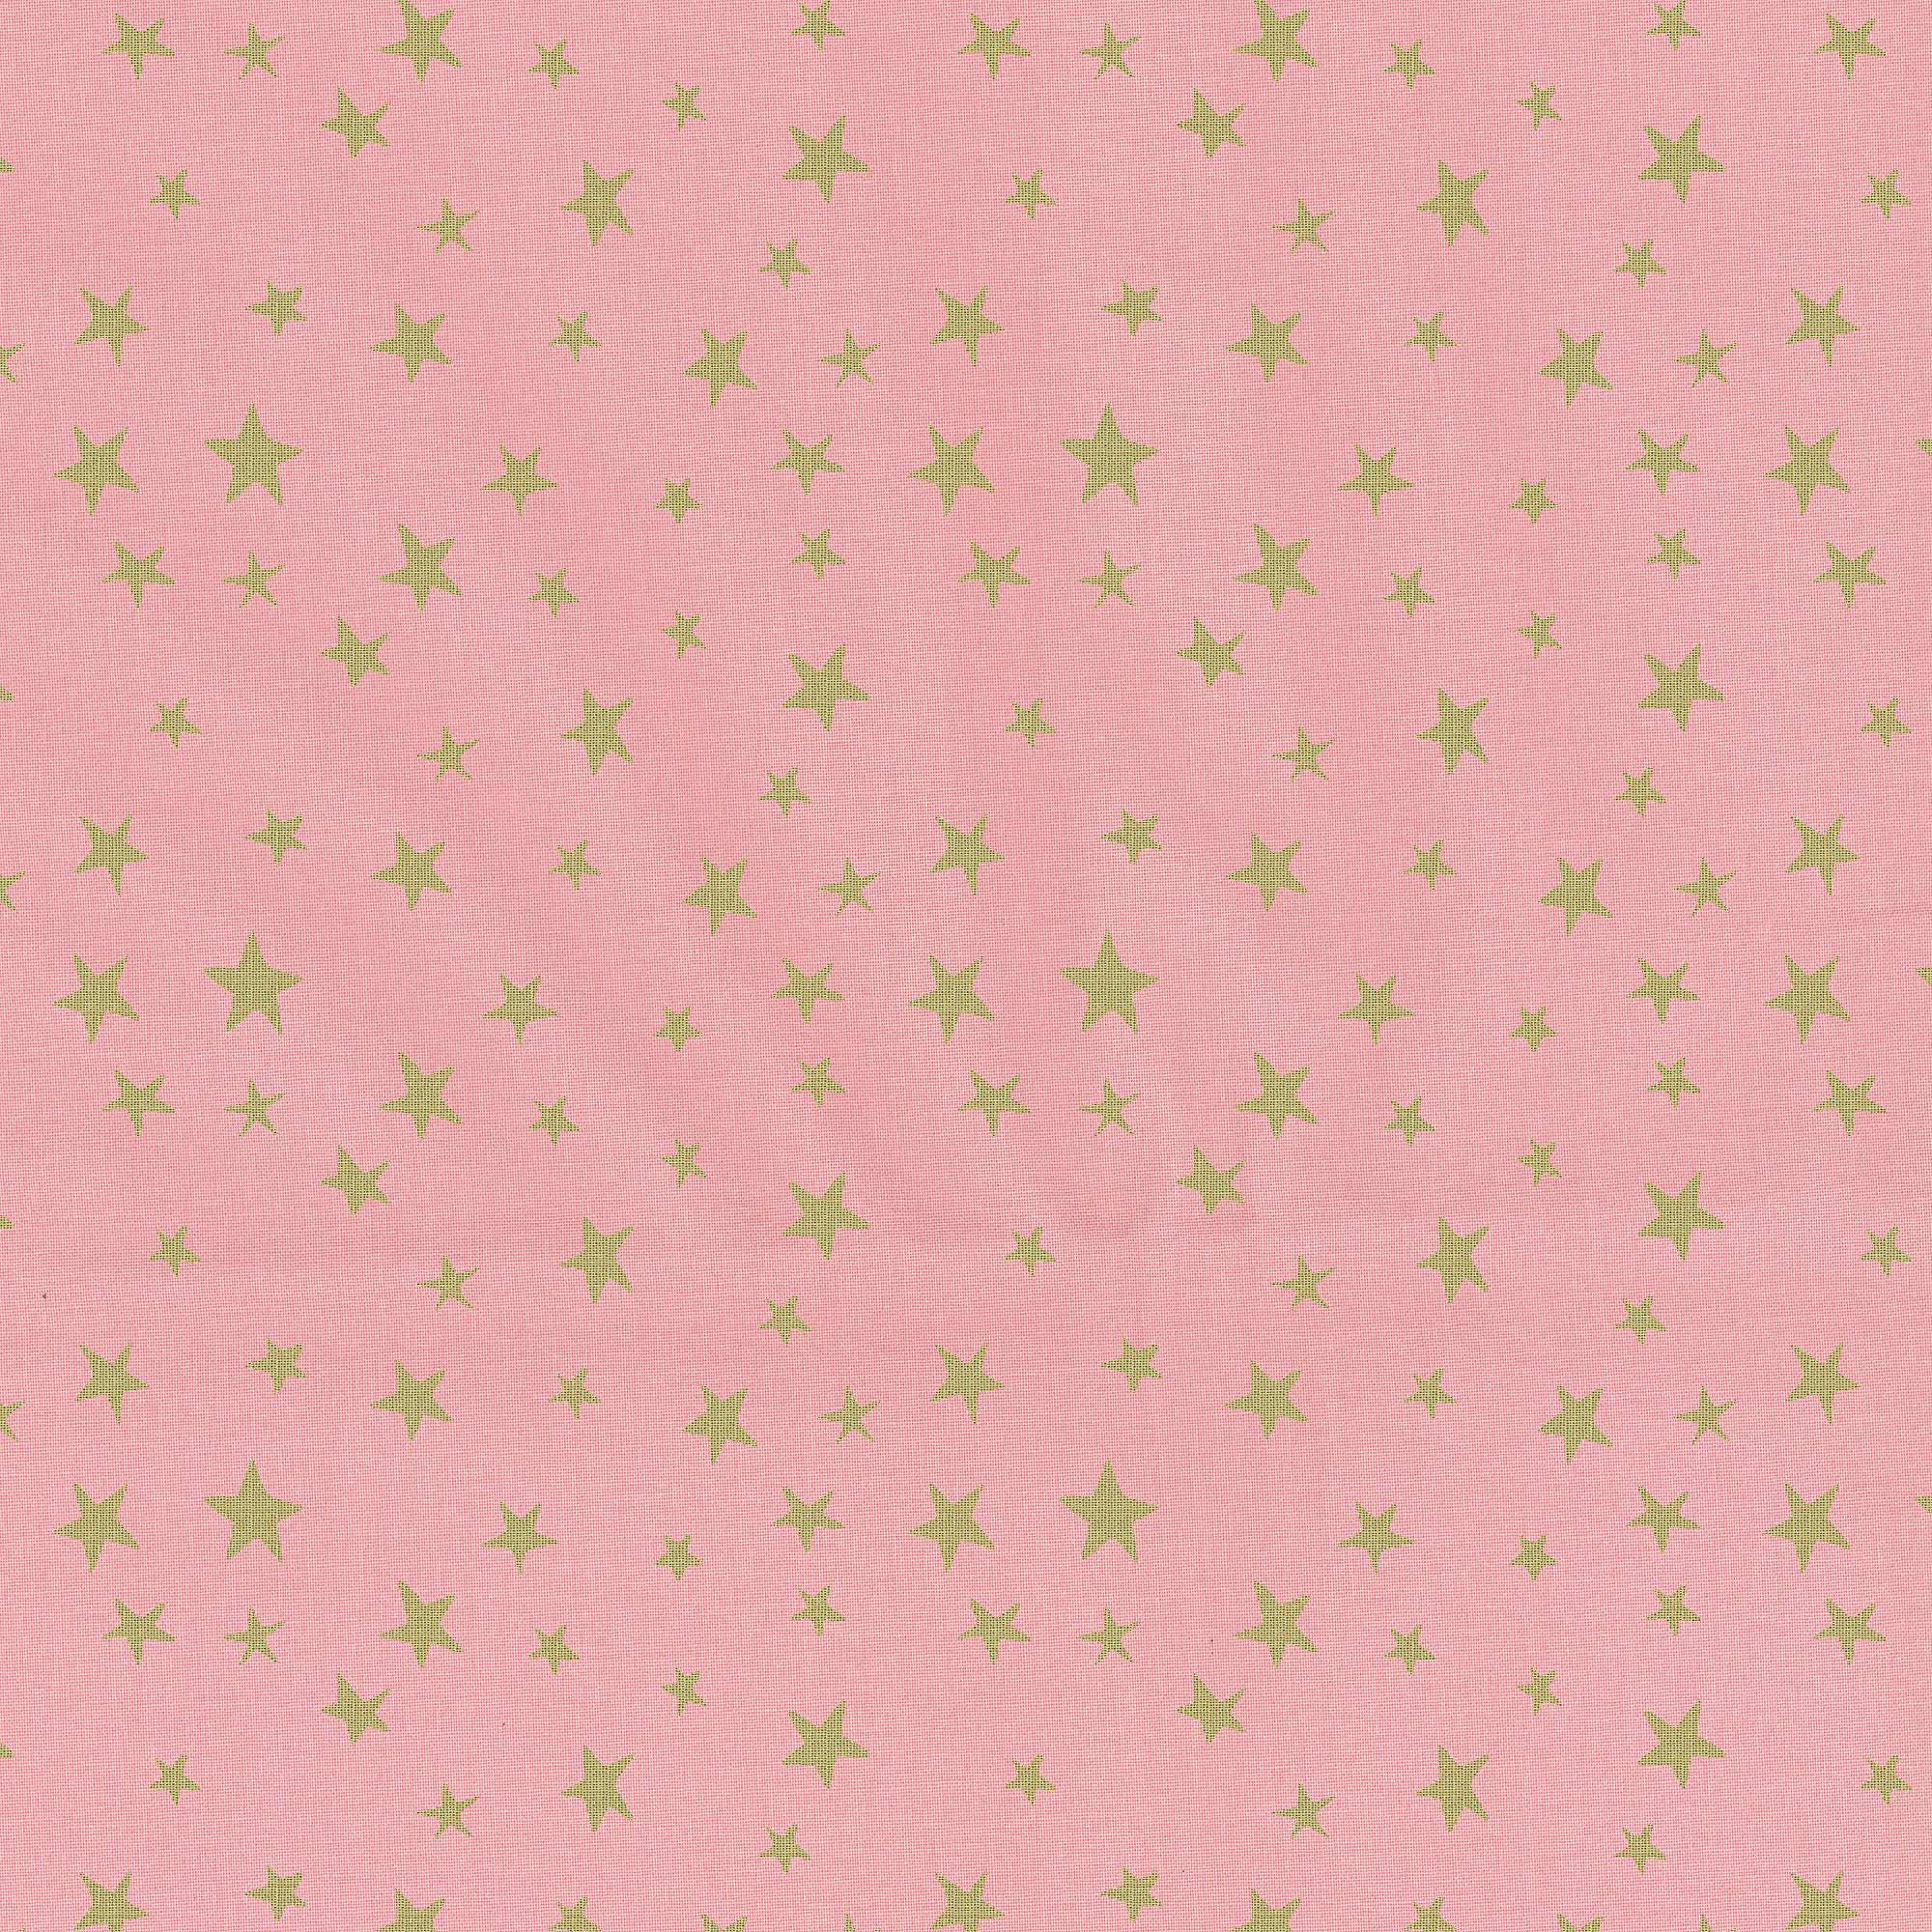 produkt_img/010507384.jpg